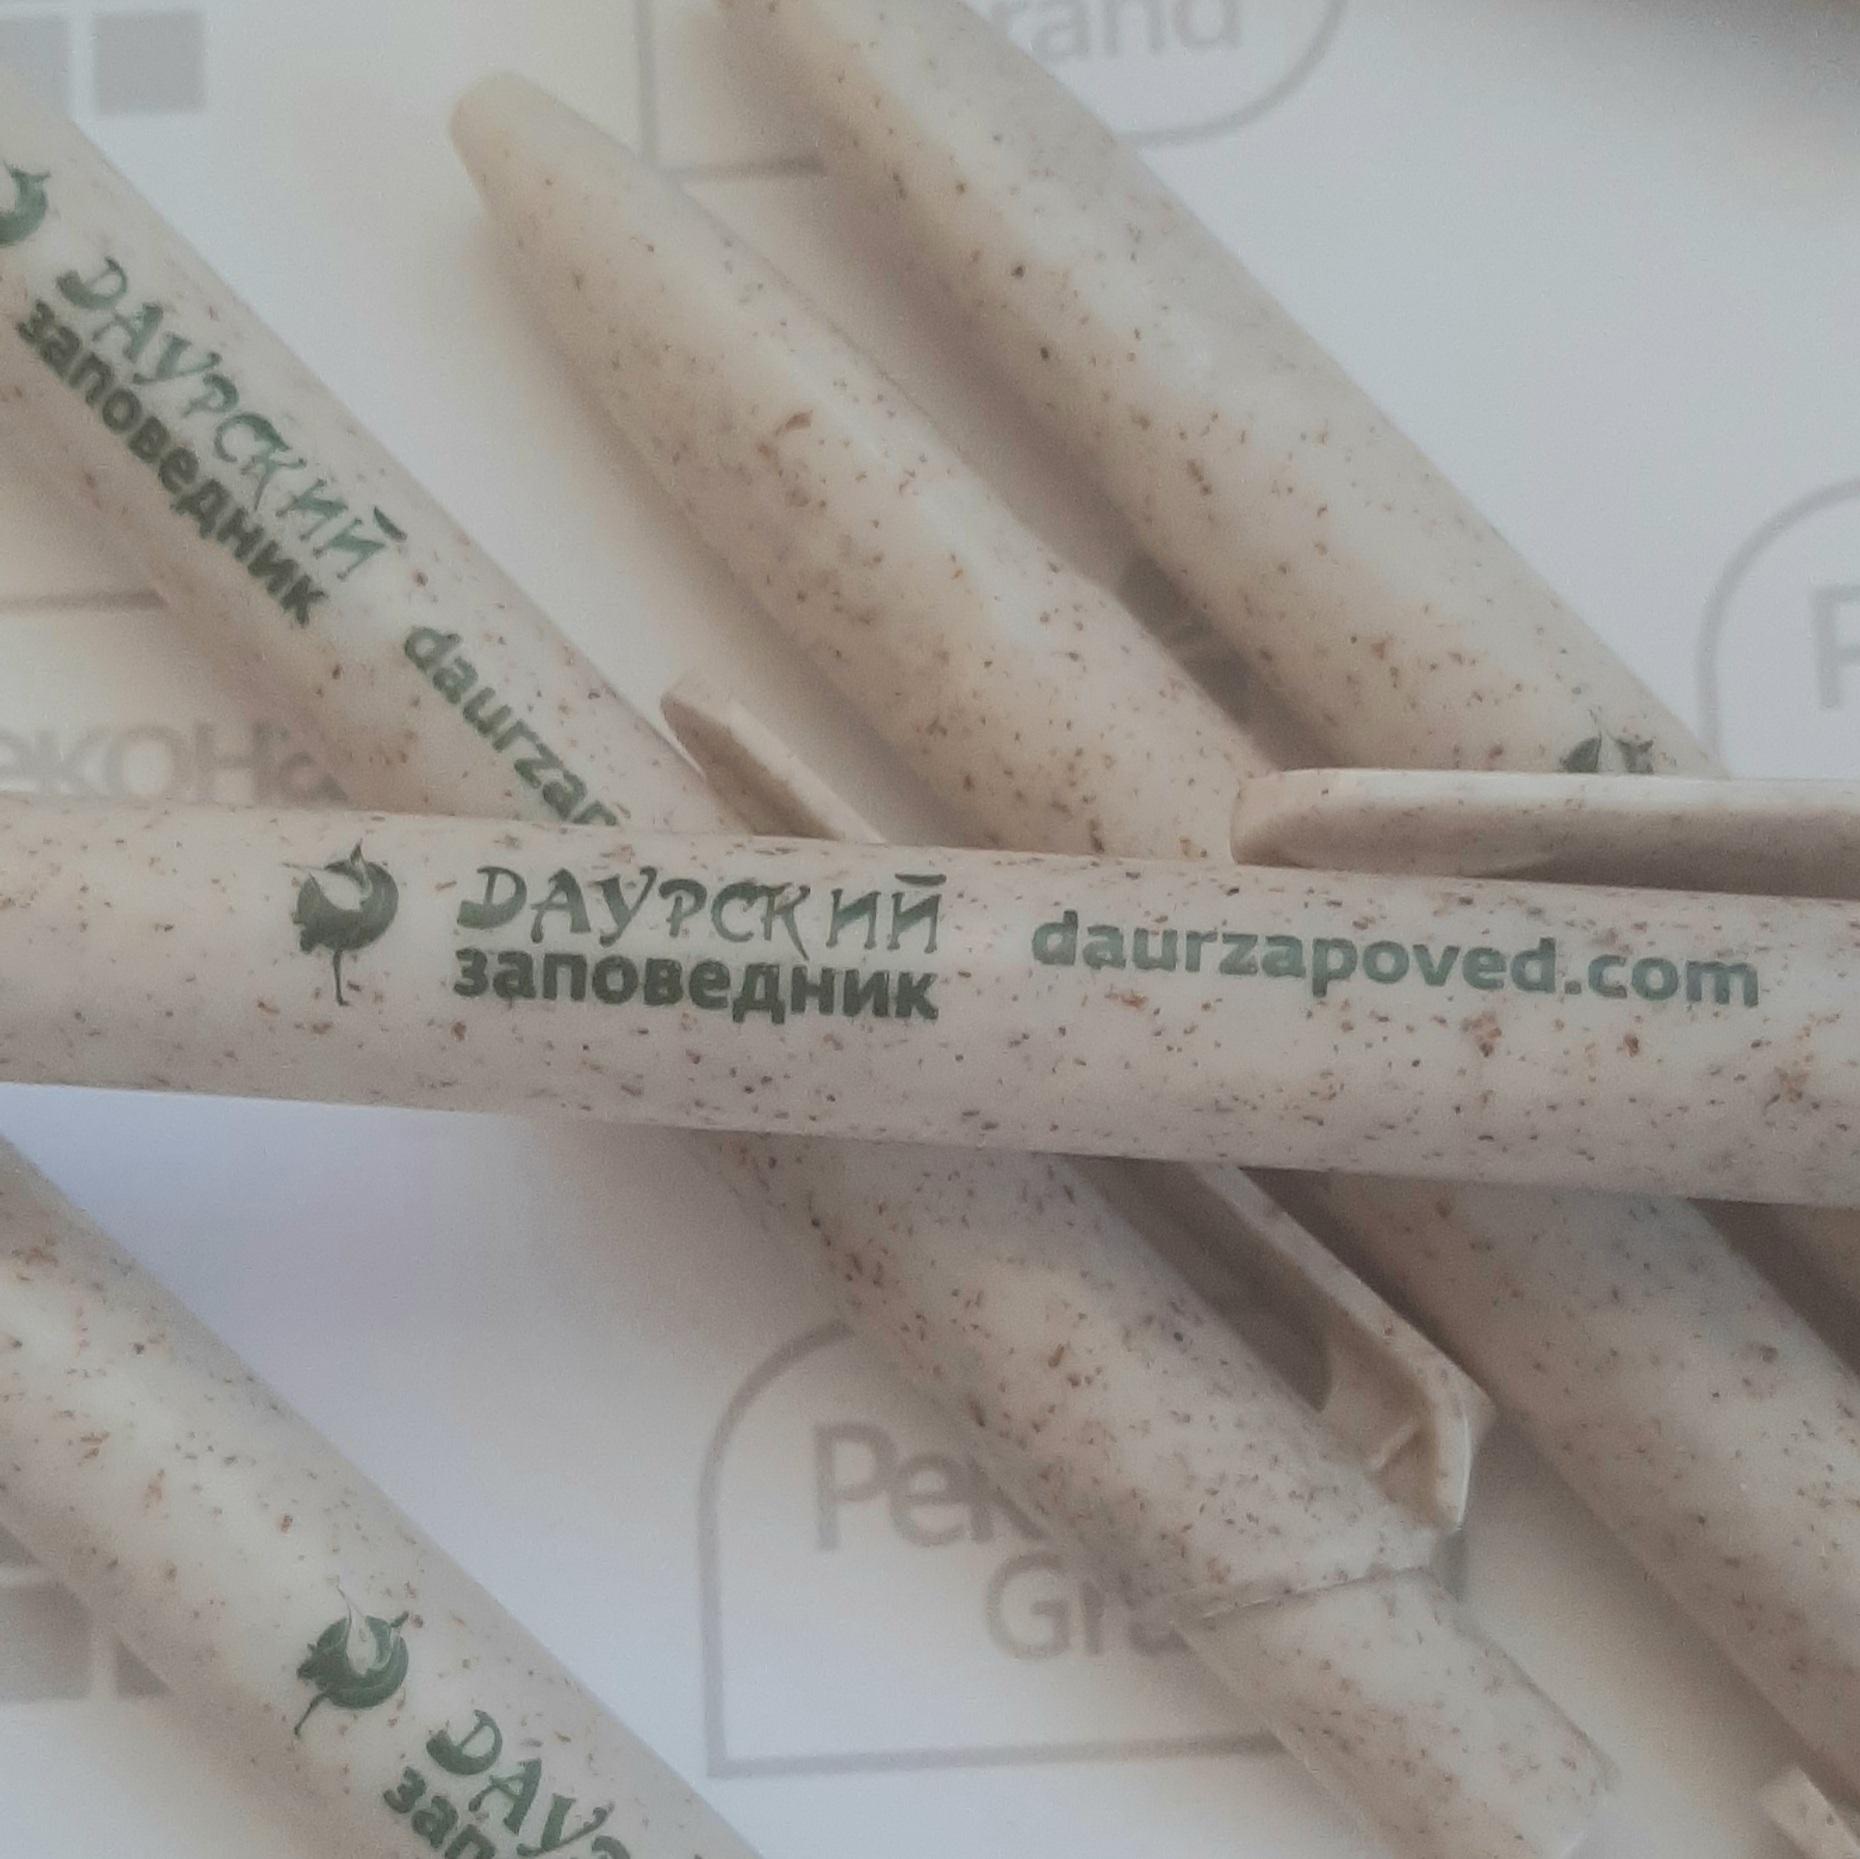 эко ручки в Казани